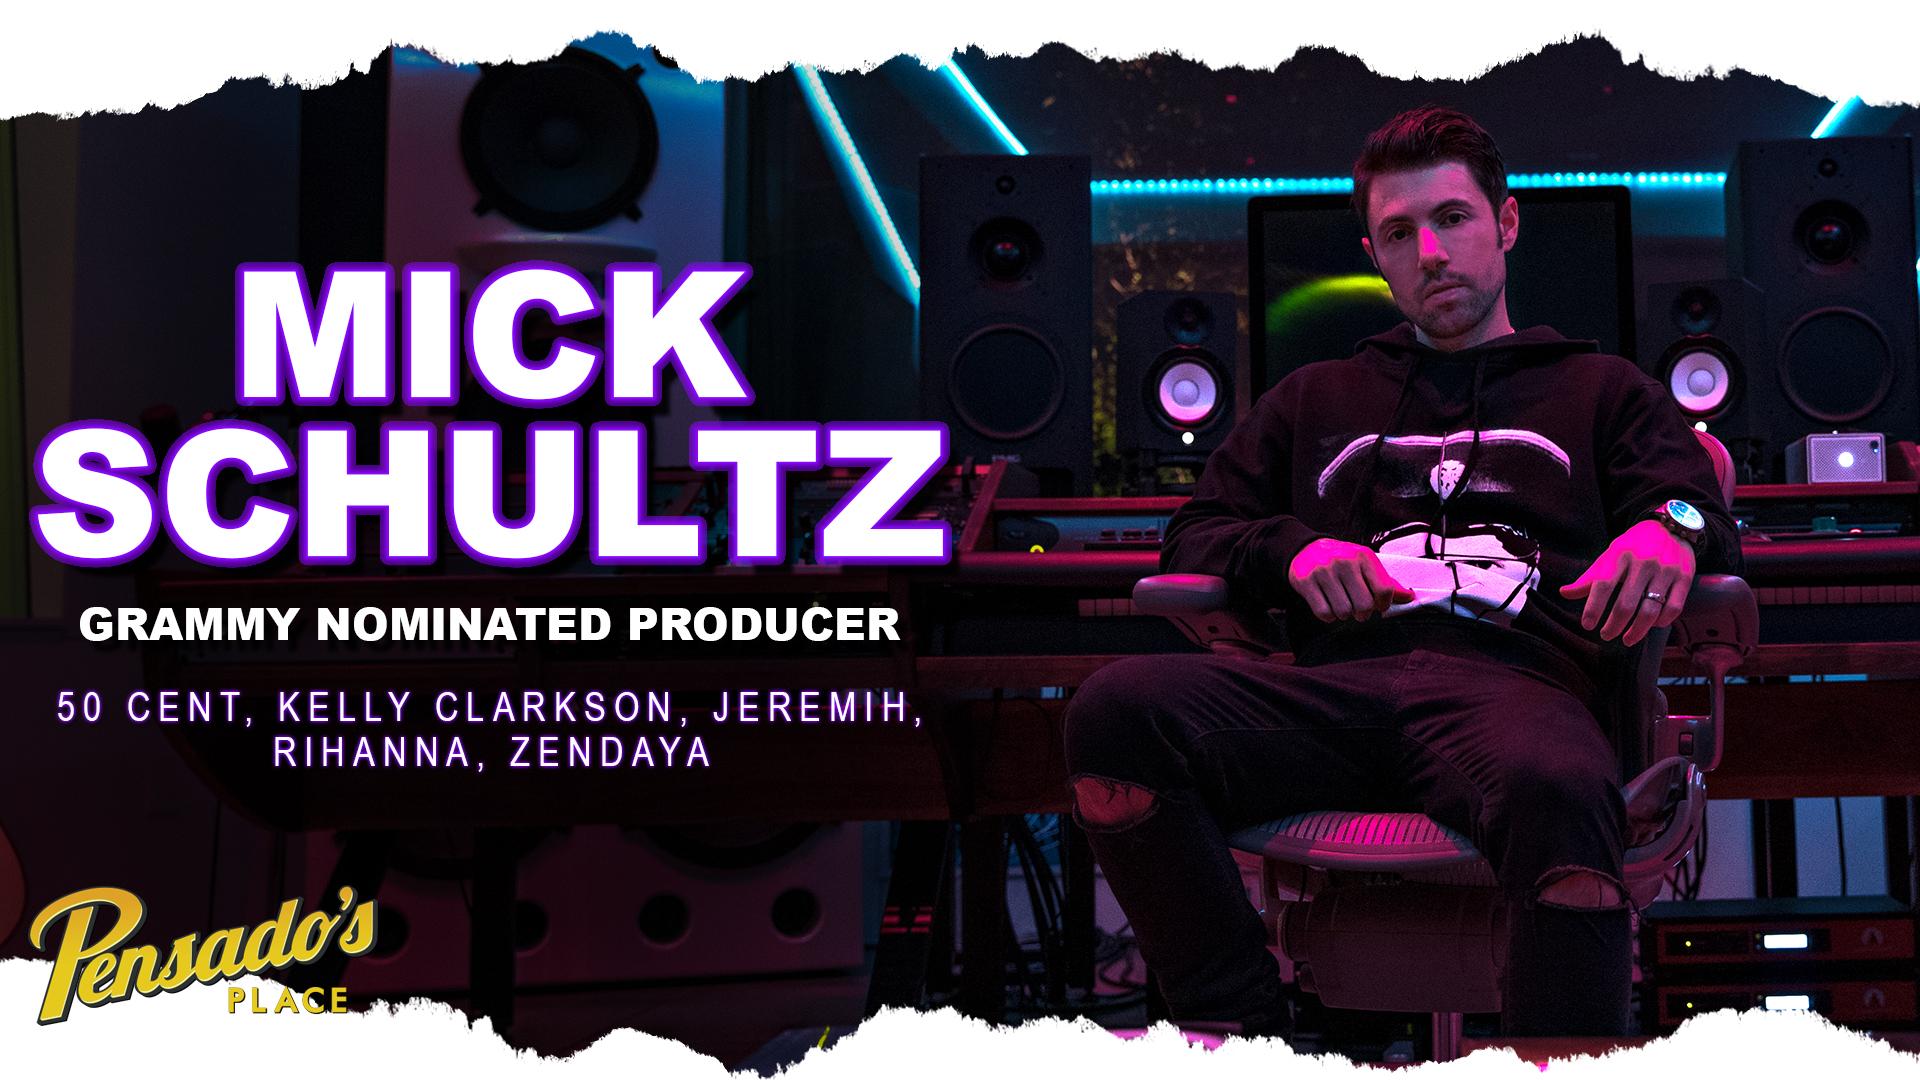 Grammy Nominated Producer, Mick Schultz (Jeremih, Kelly Clarkson, Rihanna)